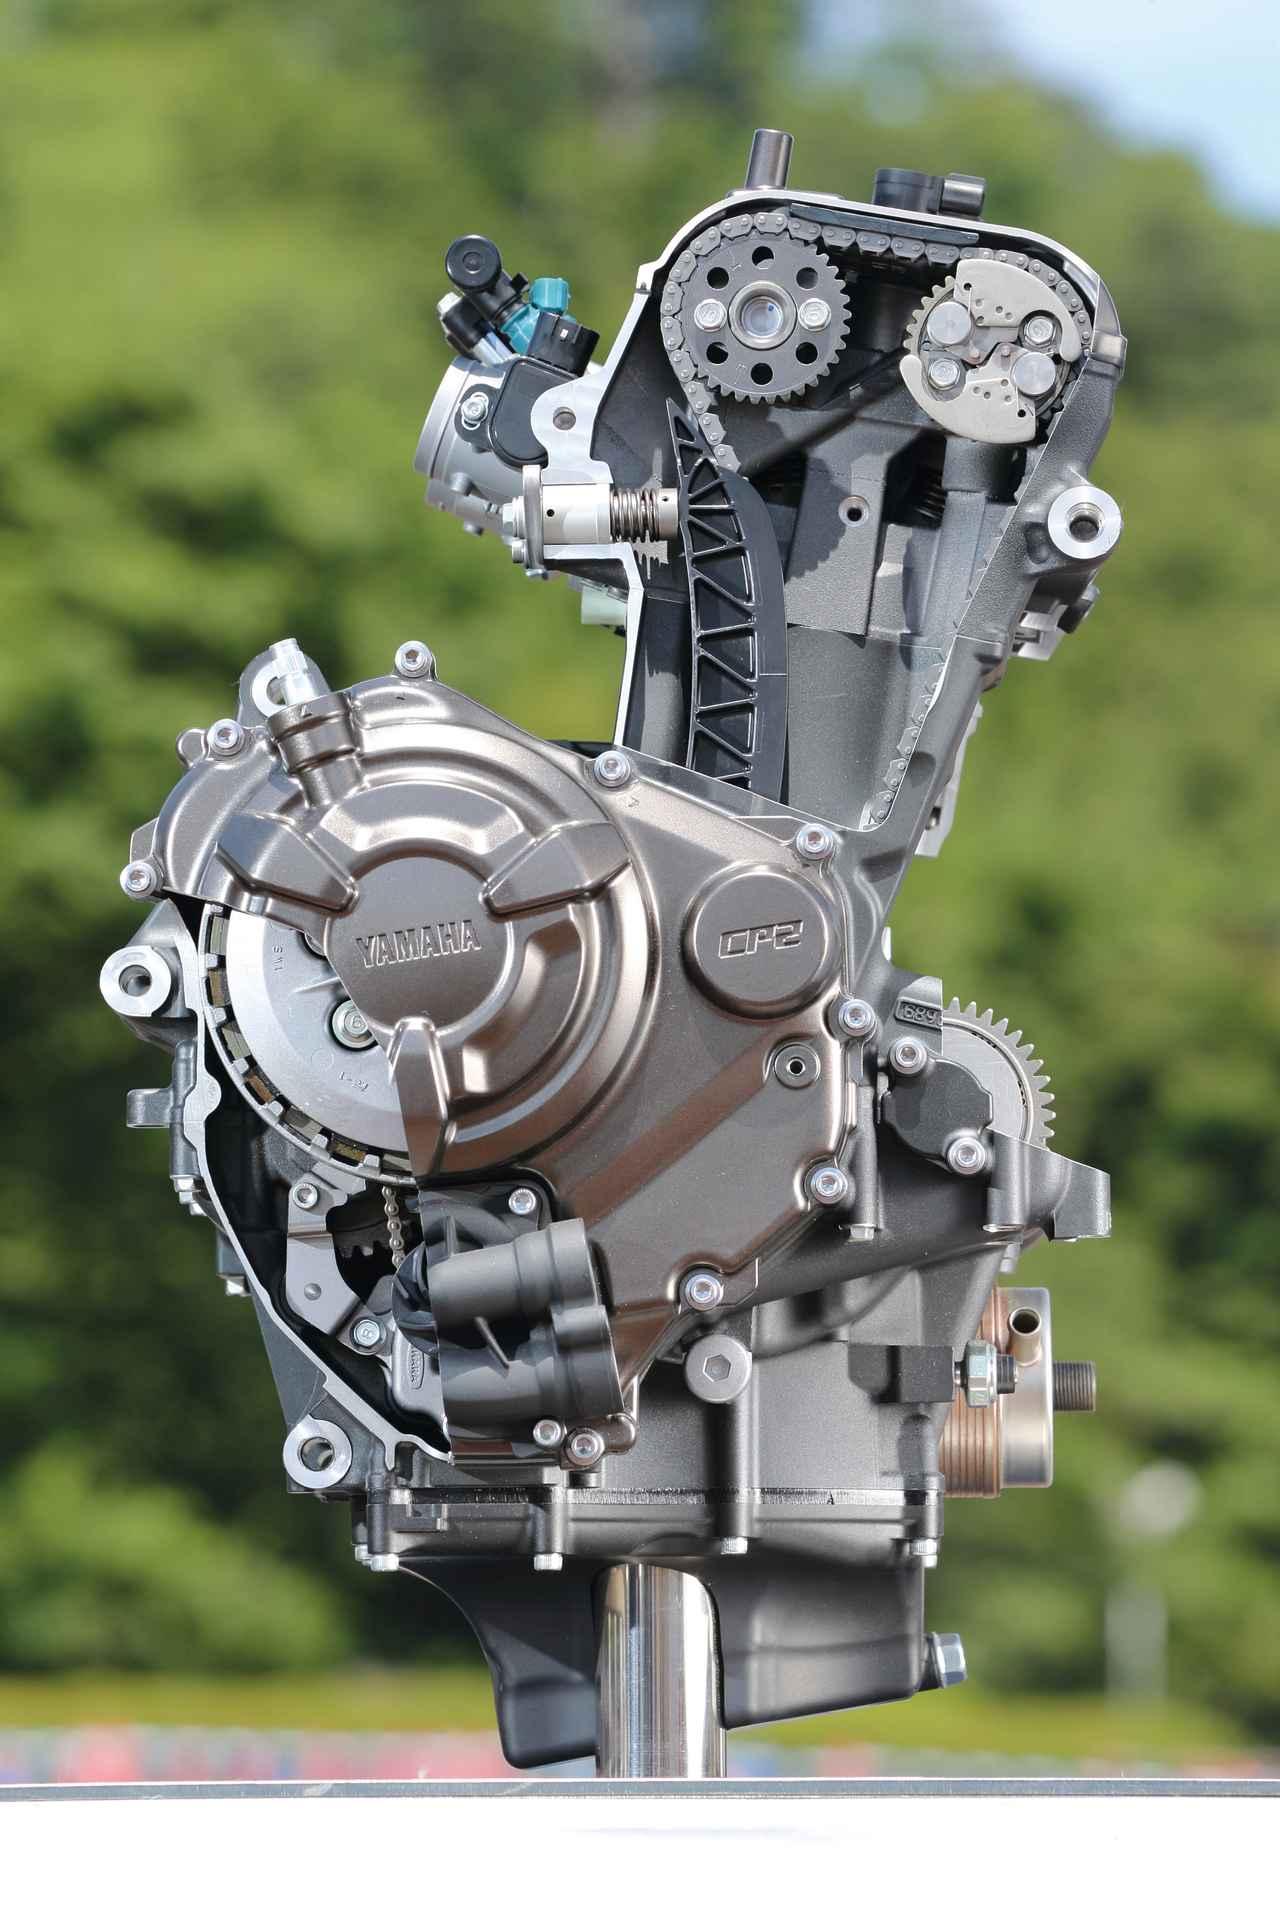 Images : 3番目の画像 - 「スリムなボディにトルキーなエンジン走りを磨き抜いた痛快ミドル!『YAMAHA MT-07 / MT-09』#試乗インプレ(2014年)」のアルバム - webオートバイ